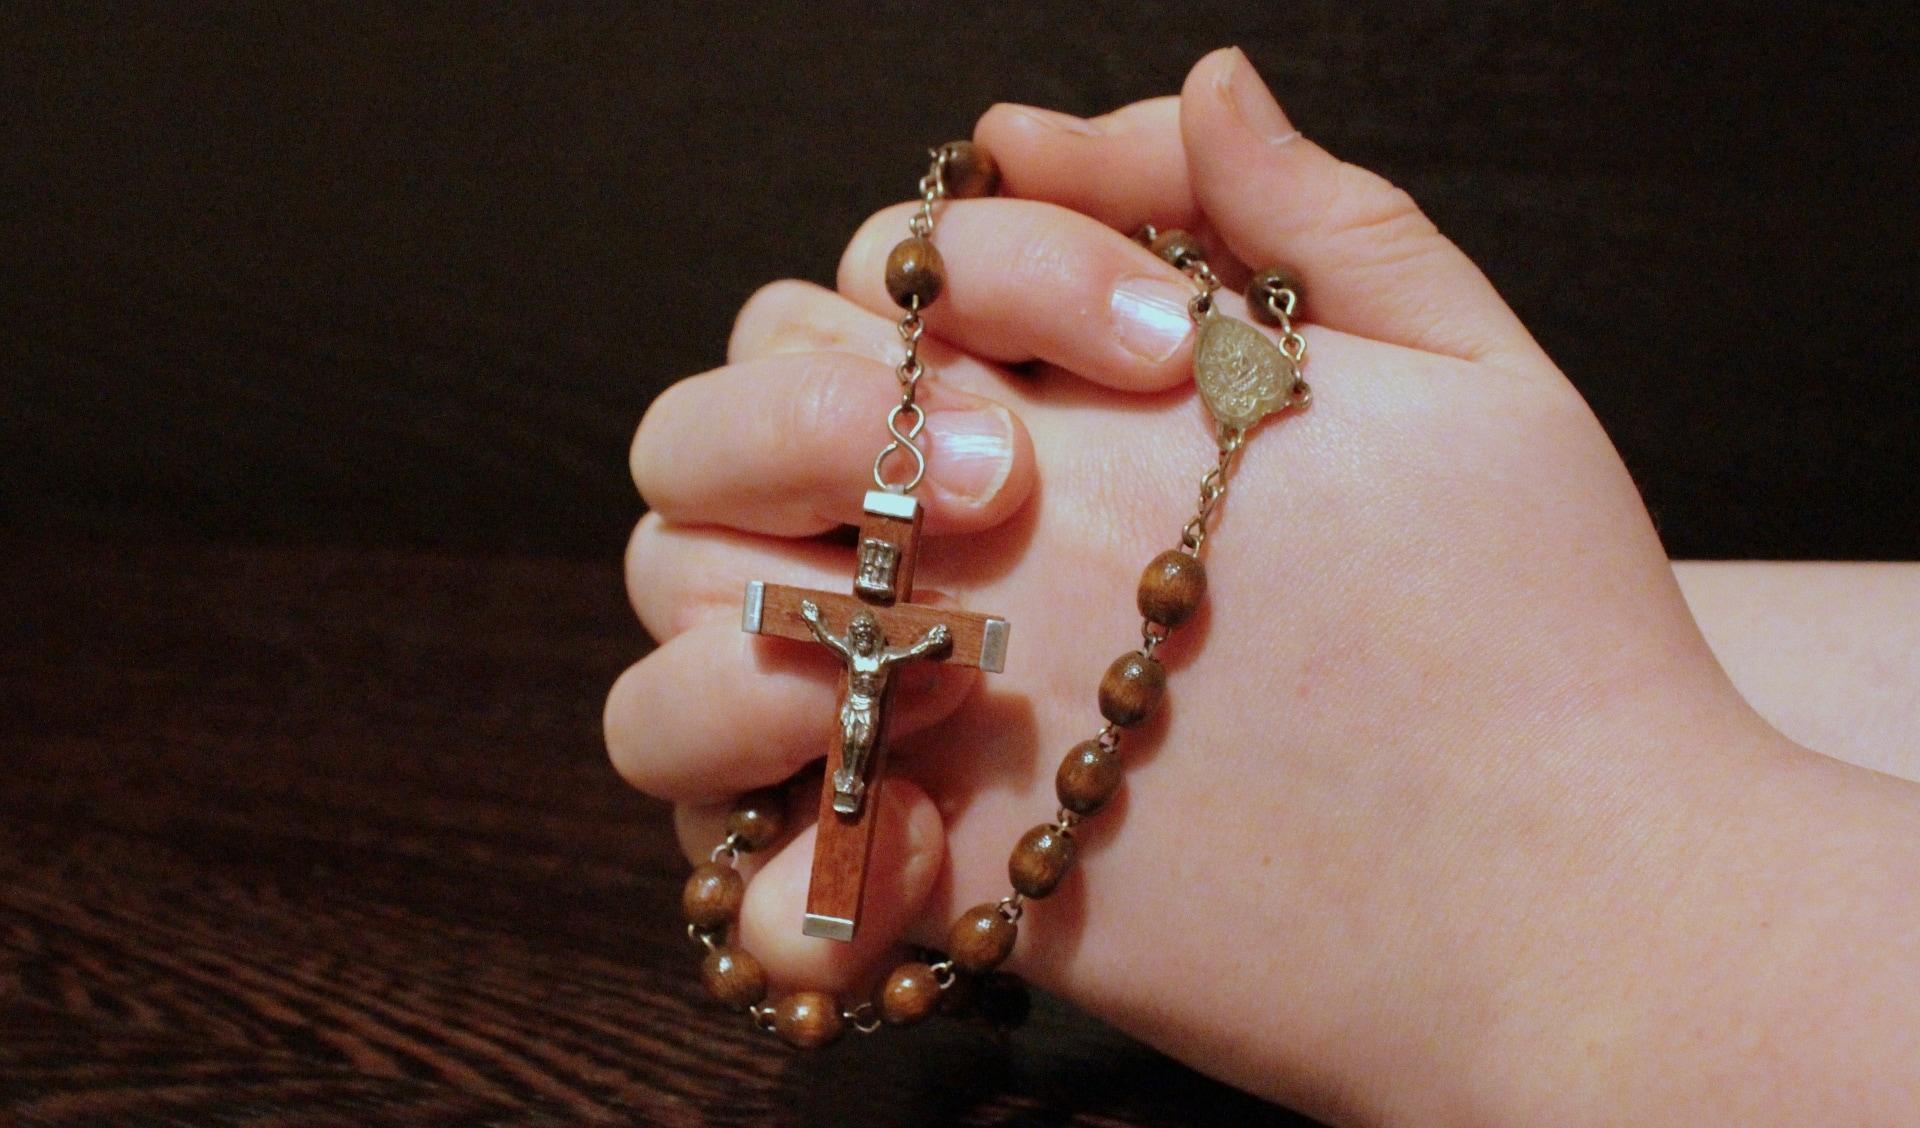 Уединение и молитва с точки зрения нейрофизиологии